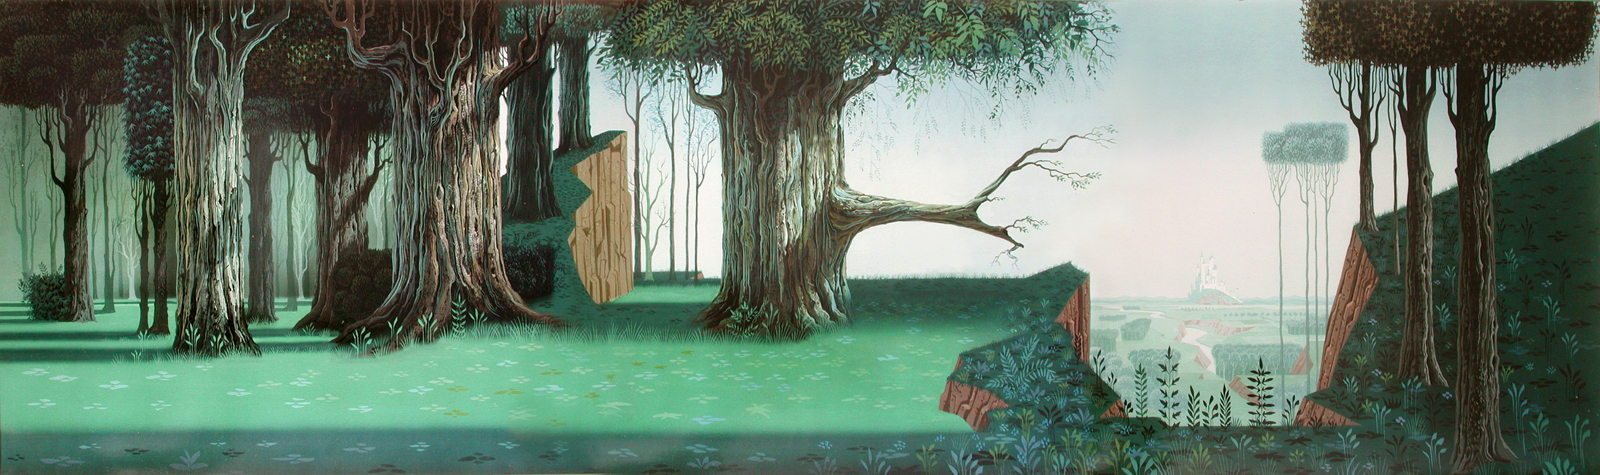 Justins Kartoon Korner Disneyear Sleeping Beauty 1959 1600x475